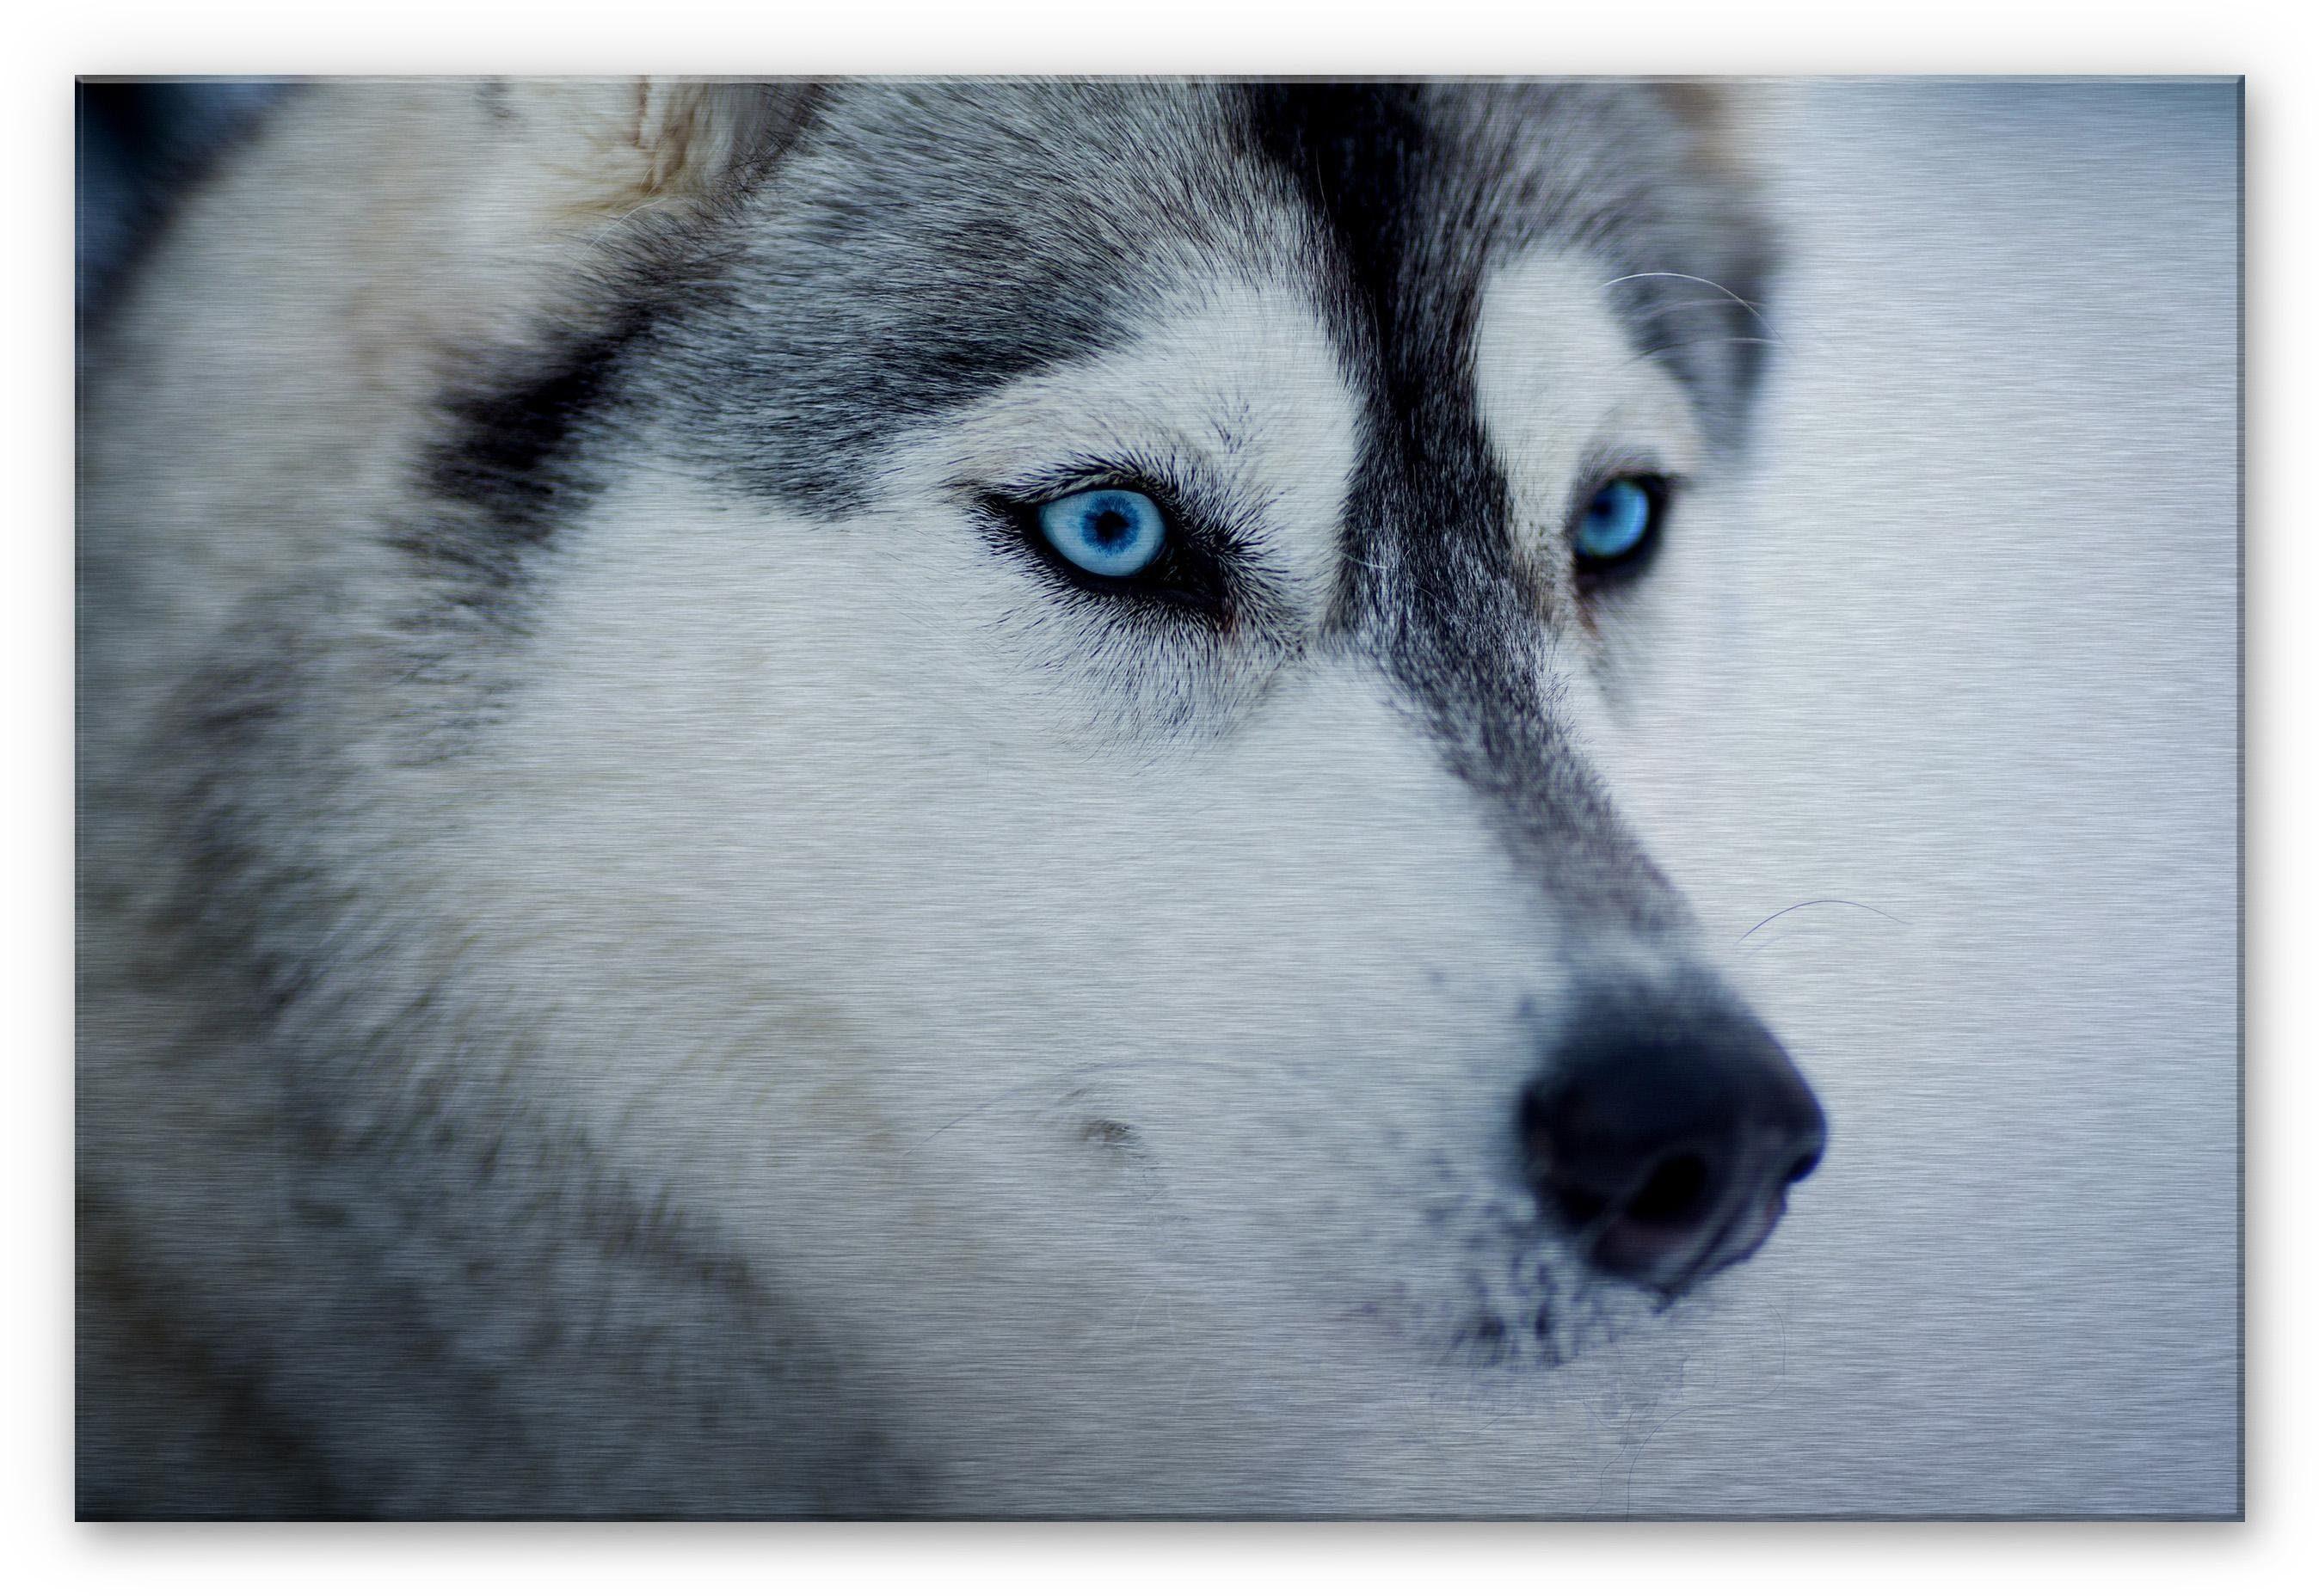 Home affaire Alu-Dibond Bild »Eisblaue Augen«, 60/40 cm